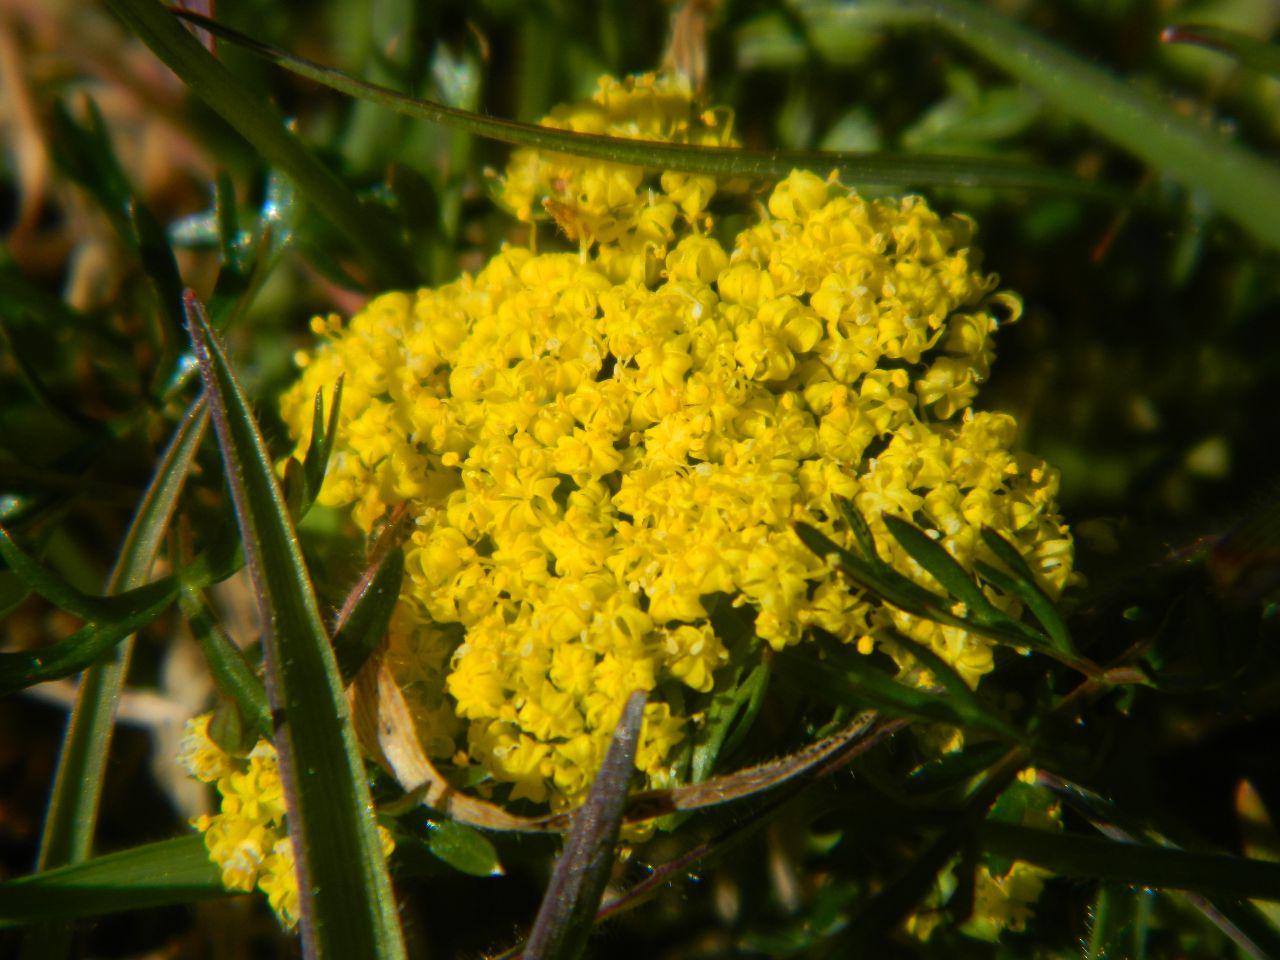 Spring gold - Lomatium utriculatum